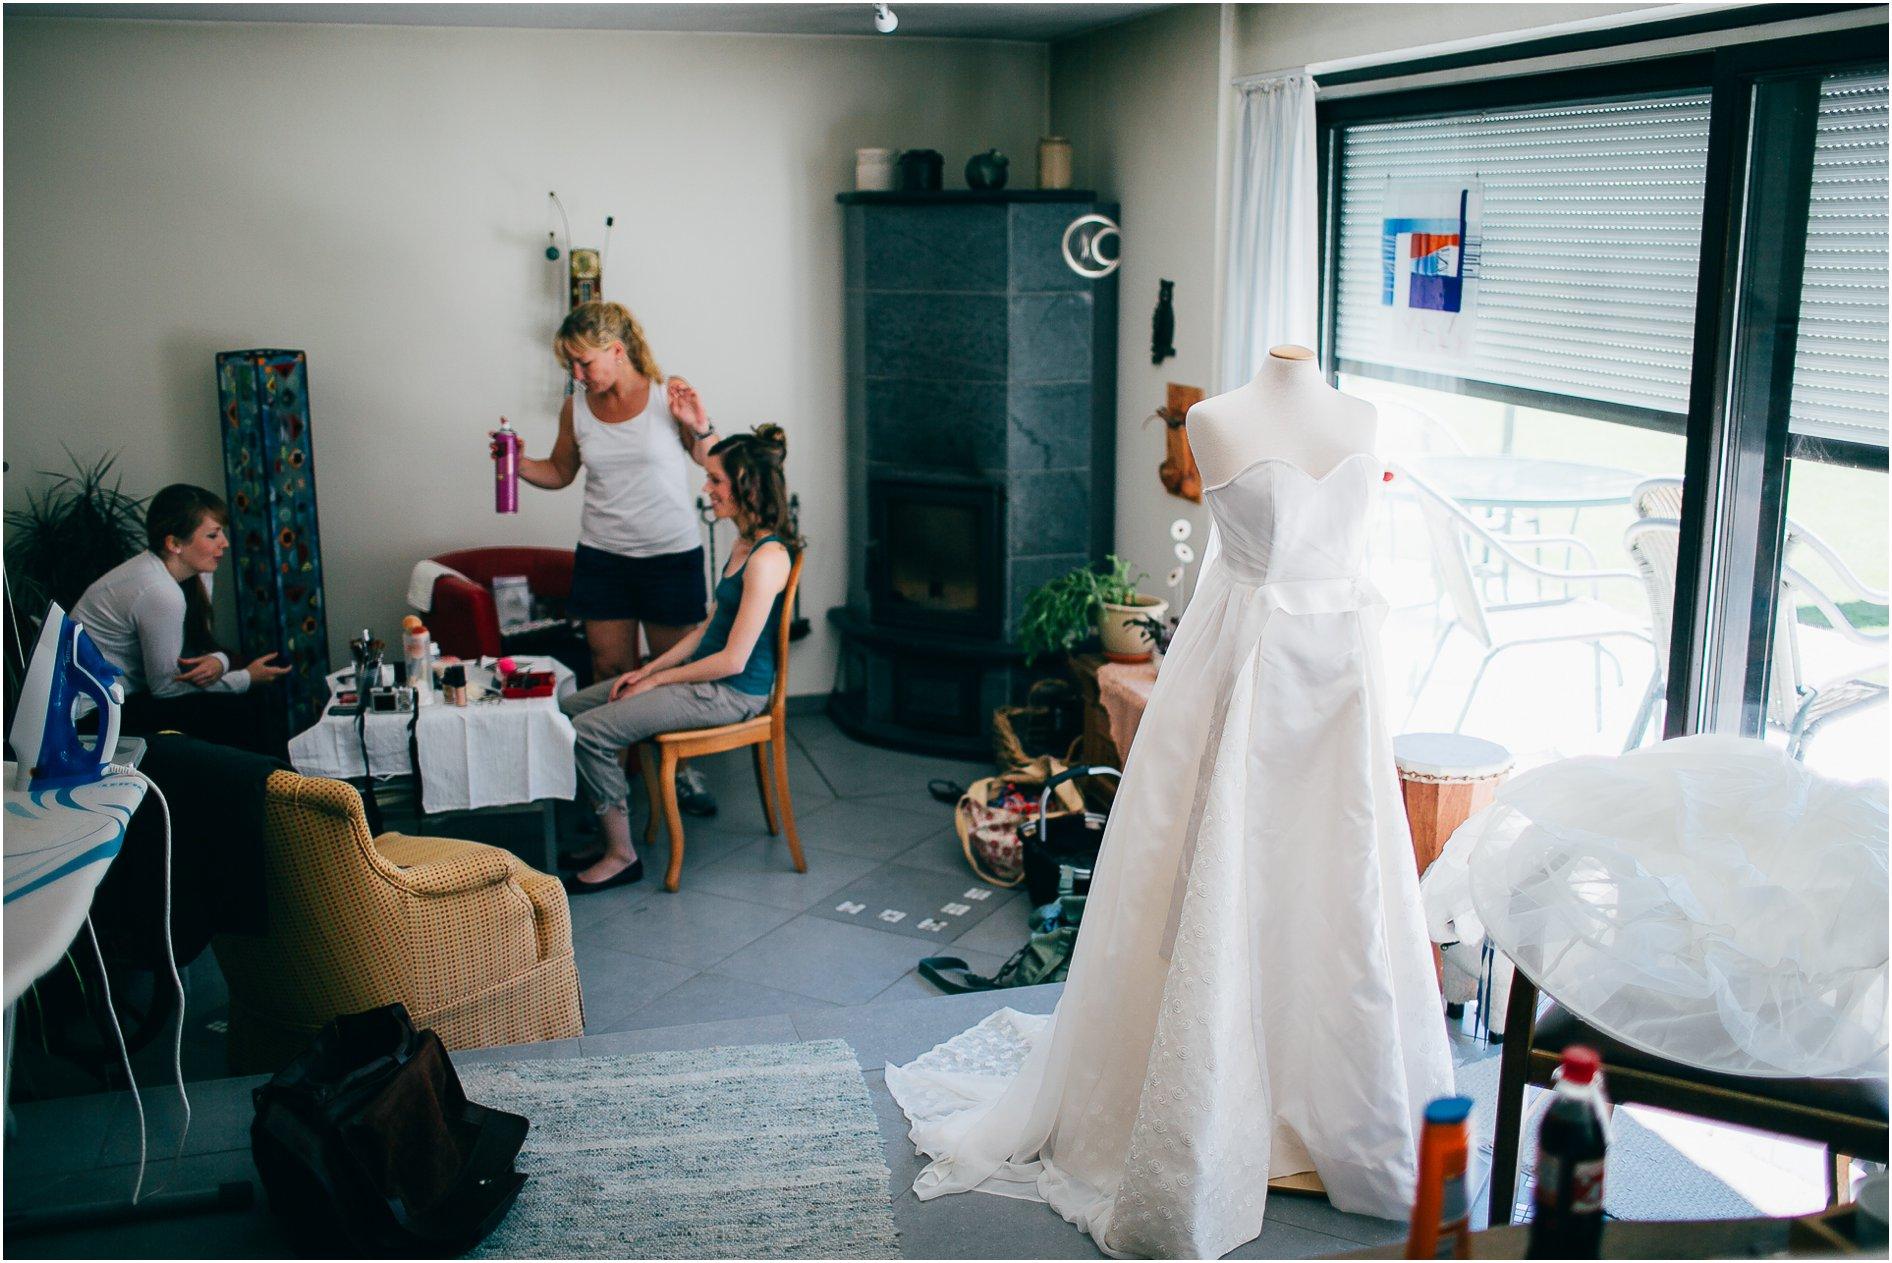 2014-08-07_0002 Wiebke und Marcio - Hochzeitsfotograf in Lüneburg